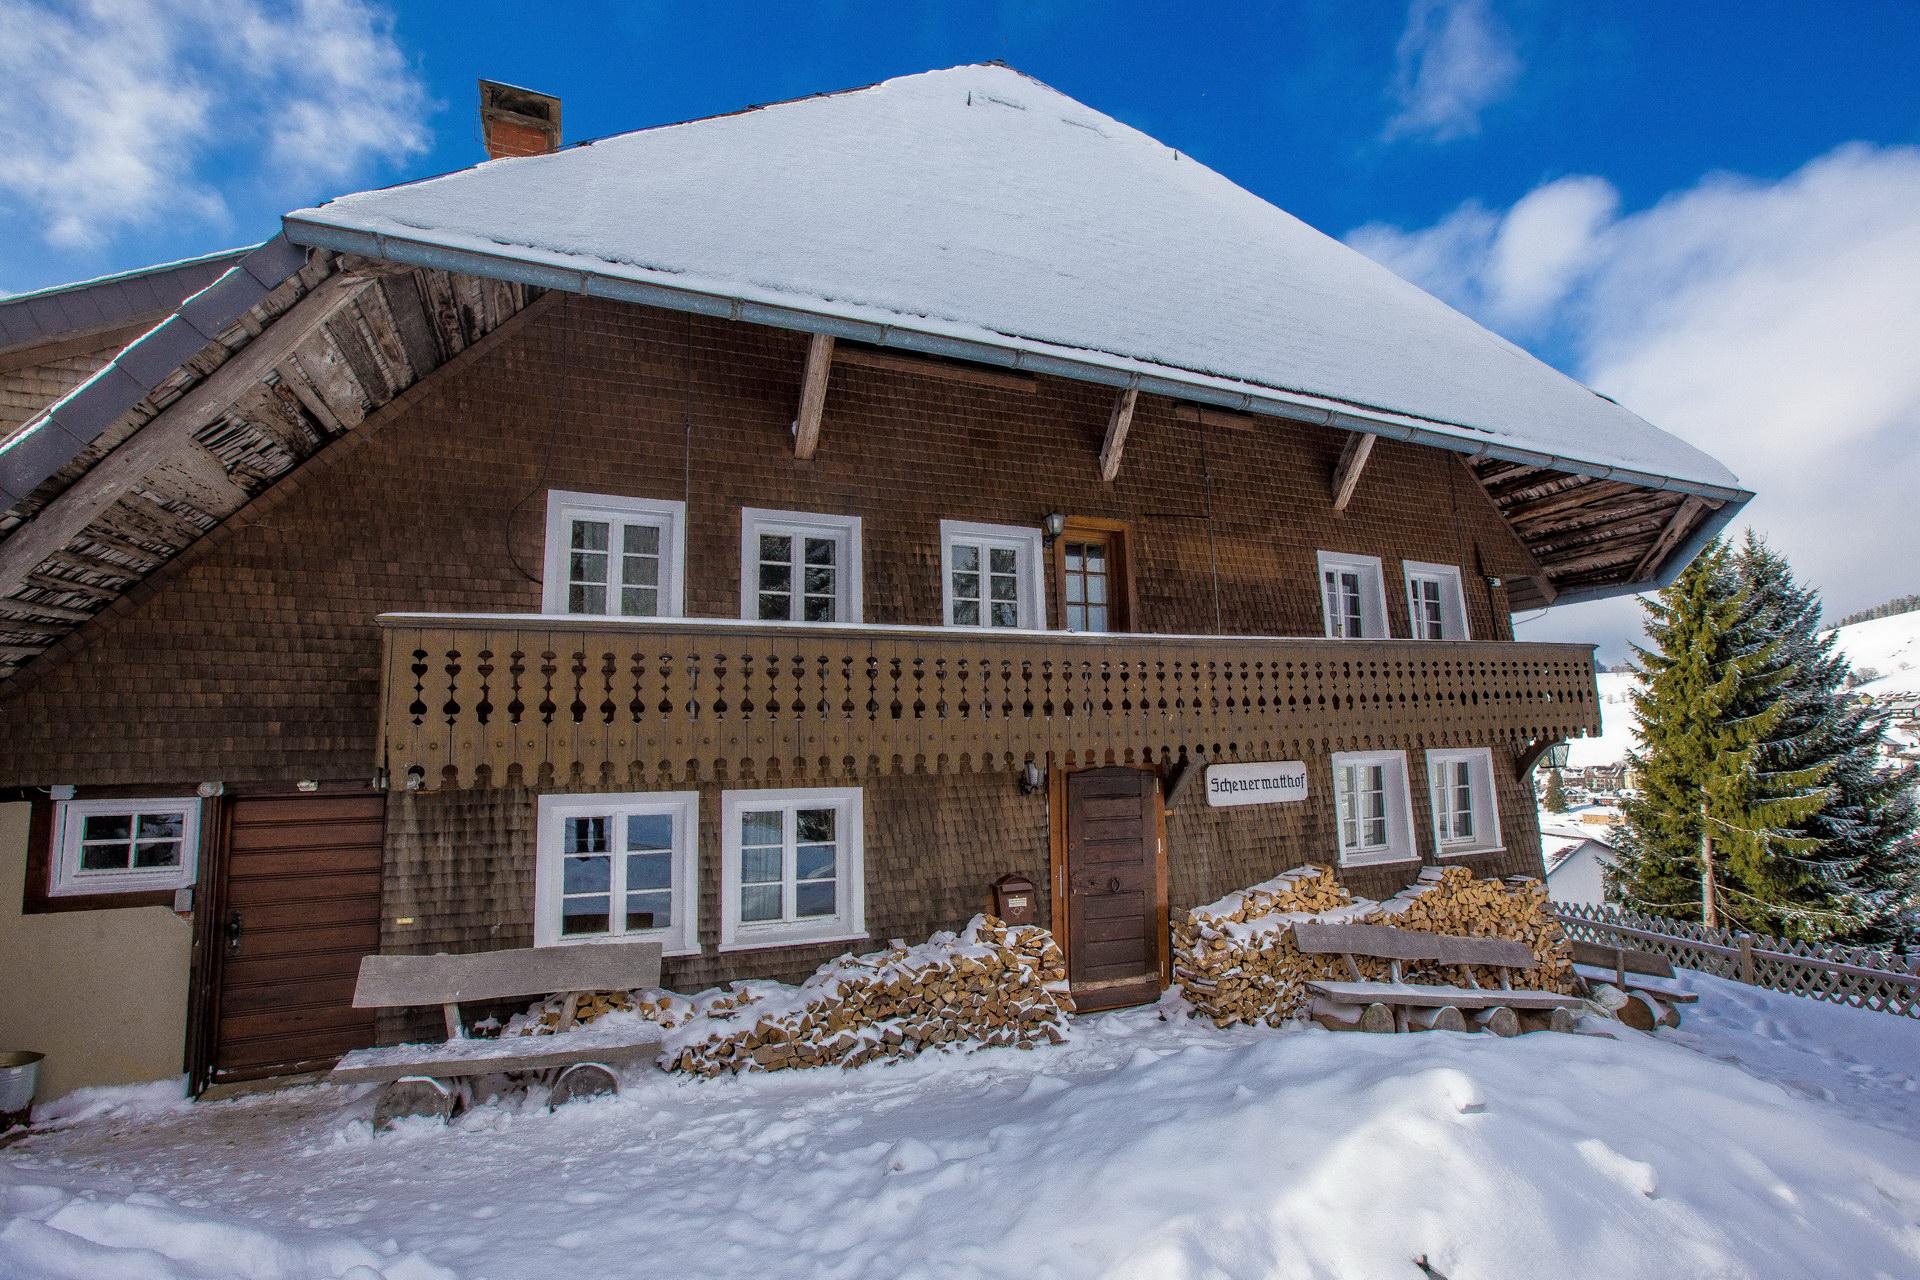 ferienhaus schwarzwald 16 personen